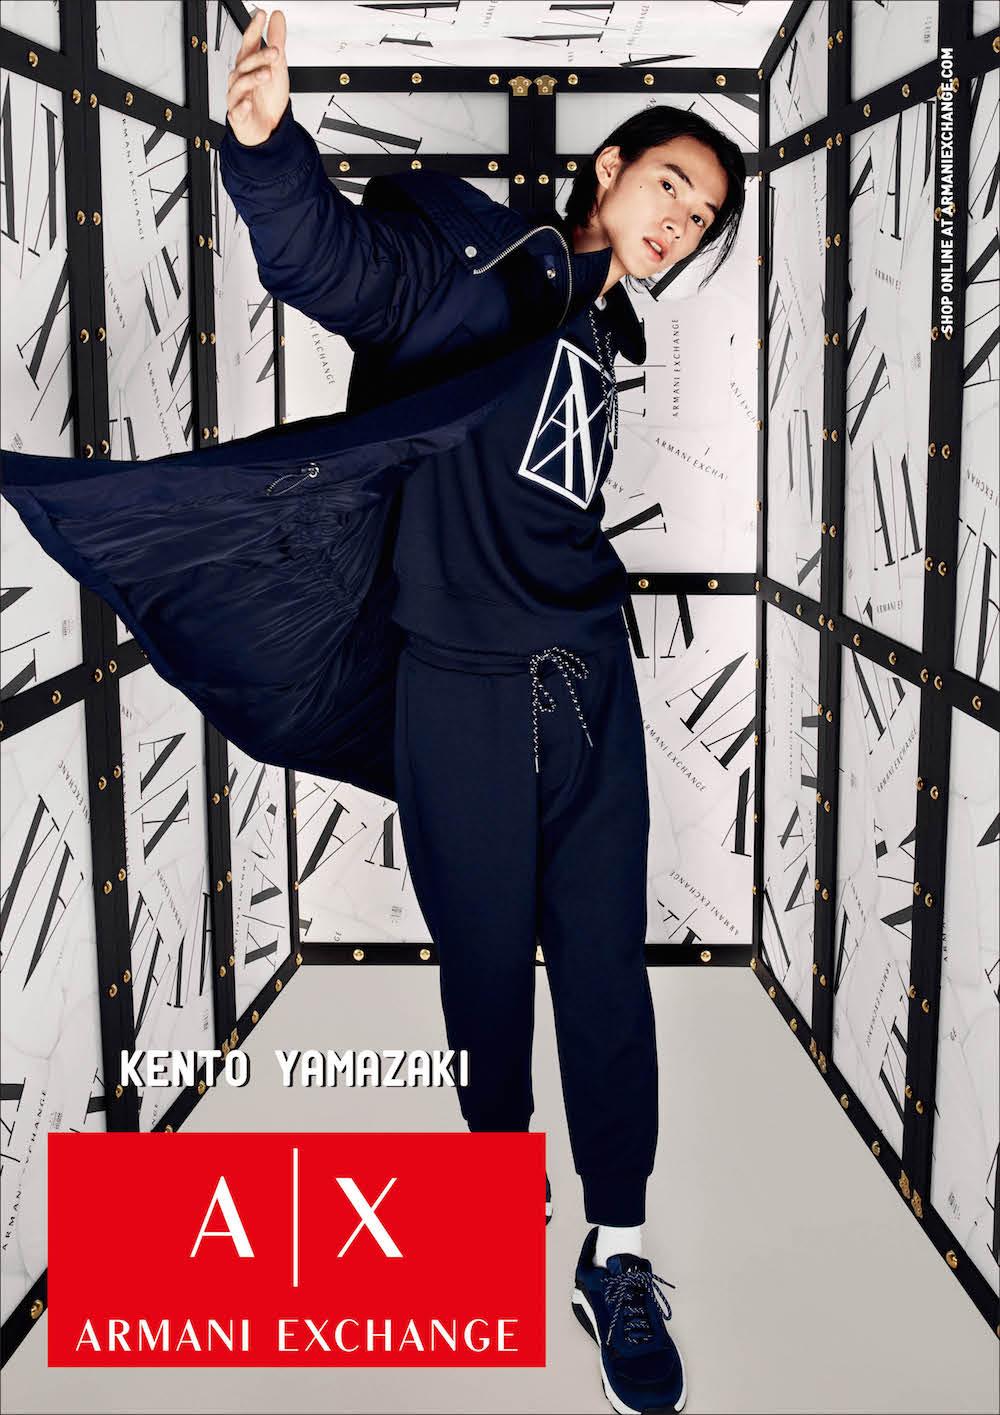 【速報】山﨑賢人さんが『アルマーニ エクスチェンジ』の広告モデルに!キャンペーンビジュアル全部見せます♡_2